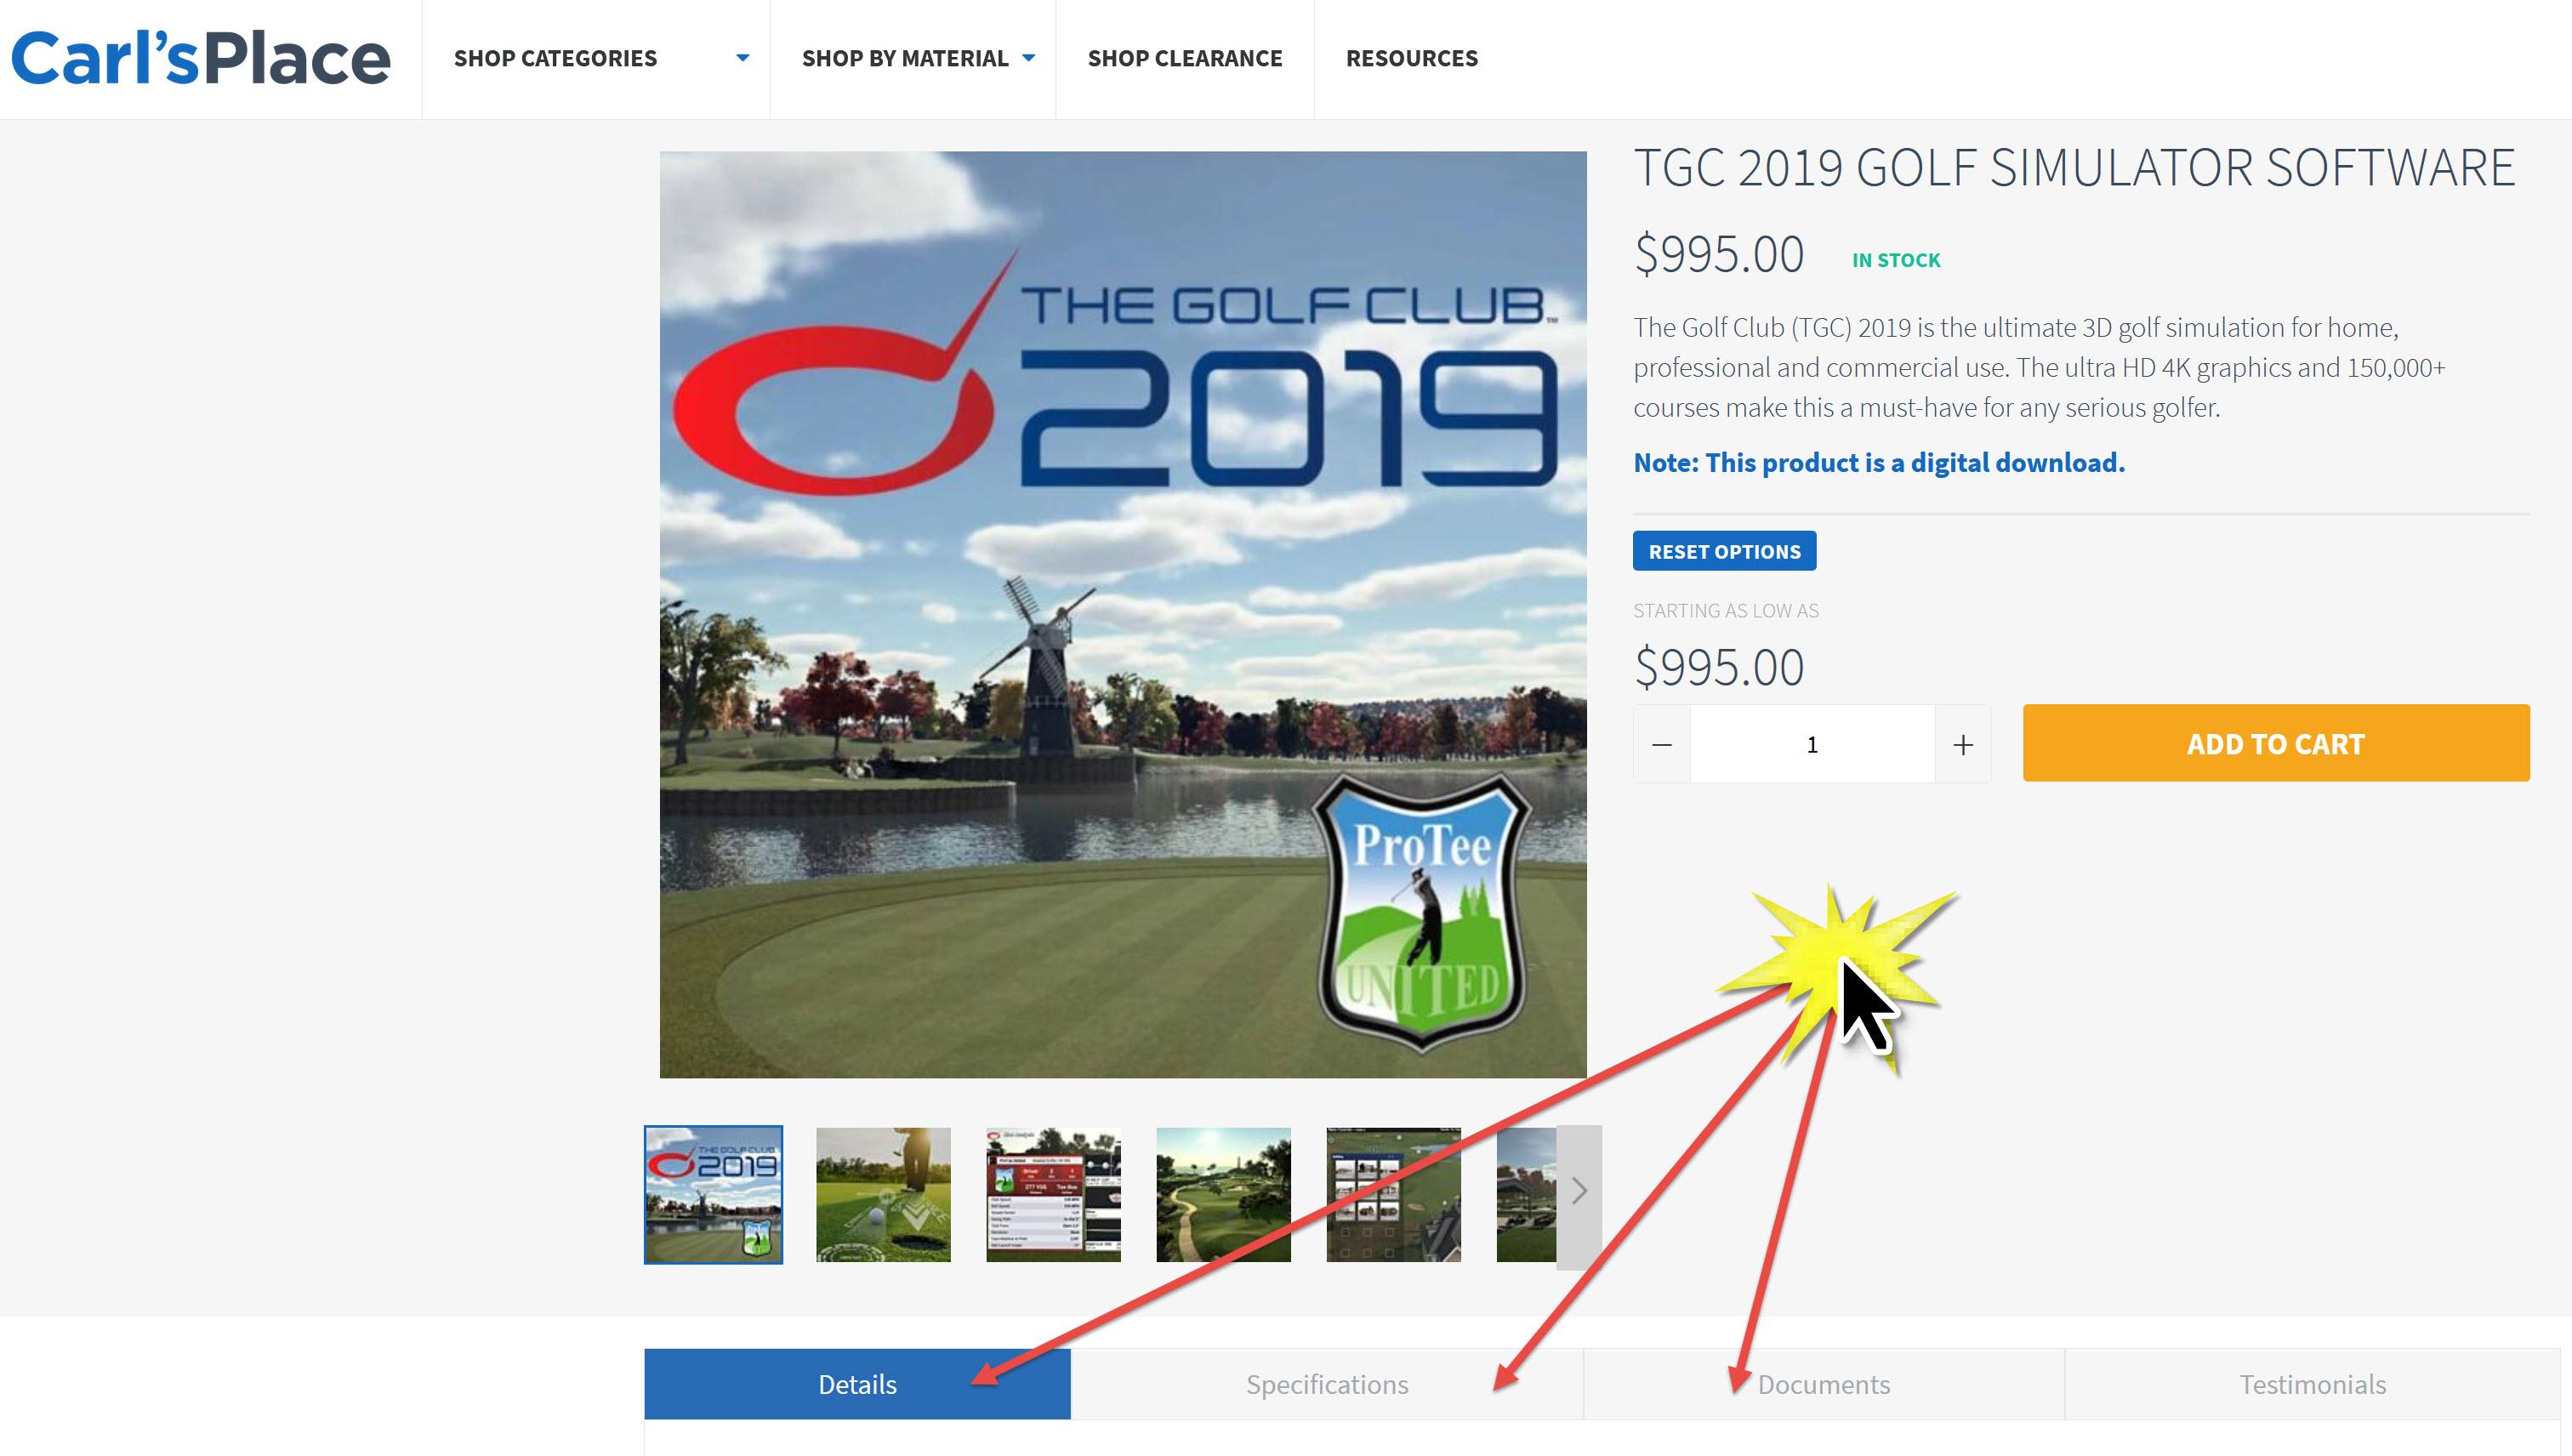 TGC 2019 Specs and Documents